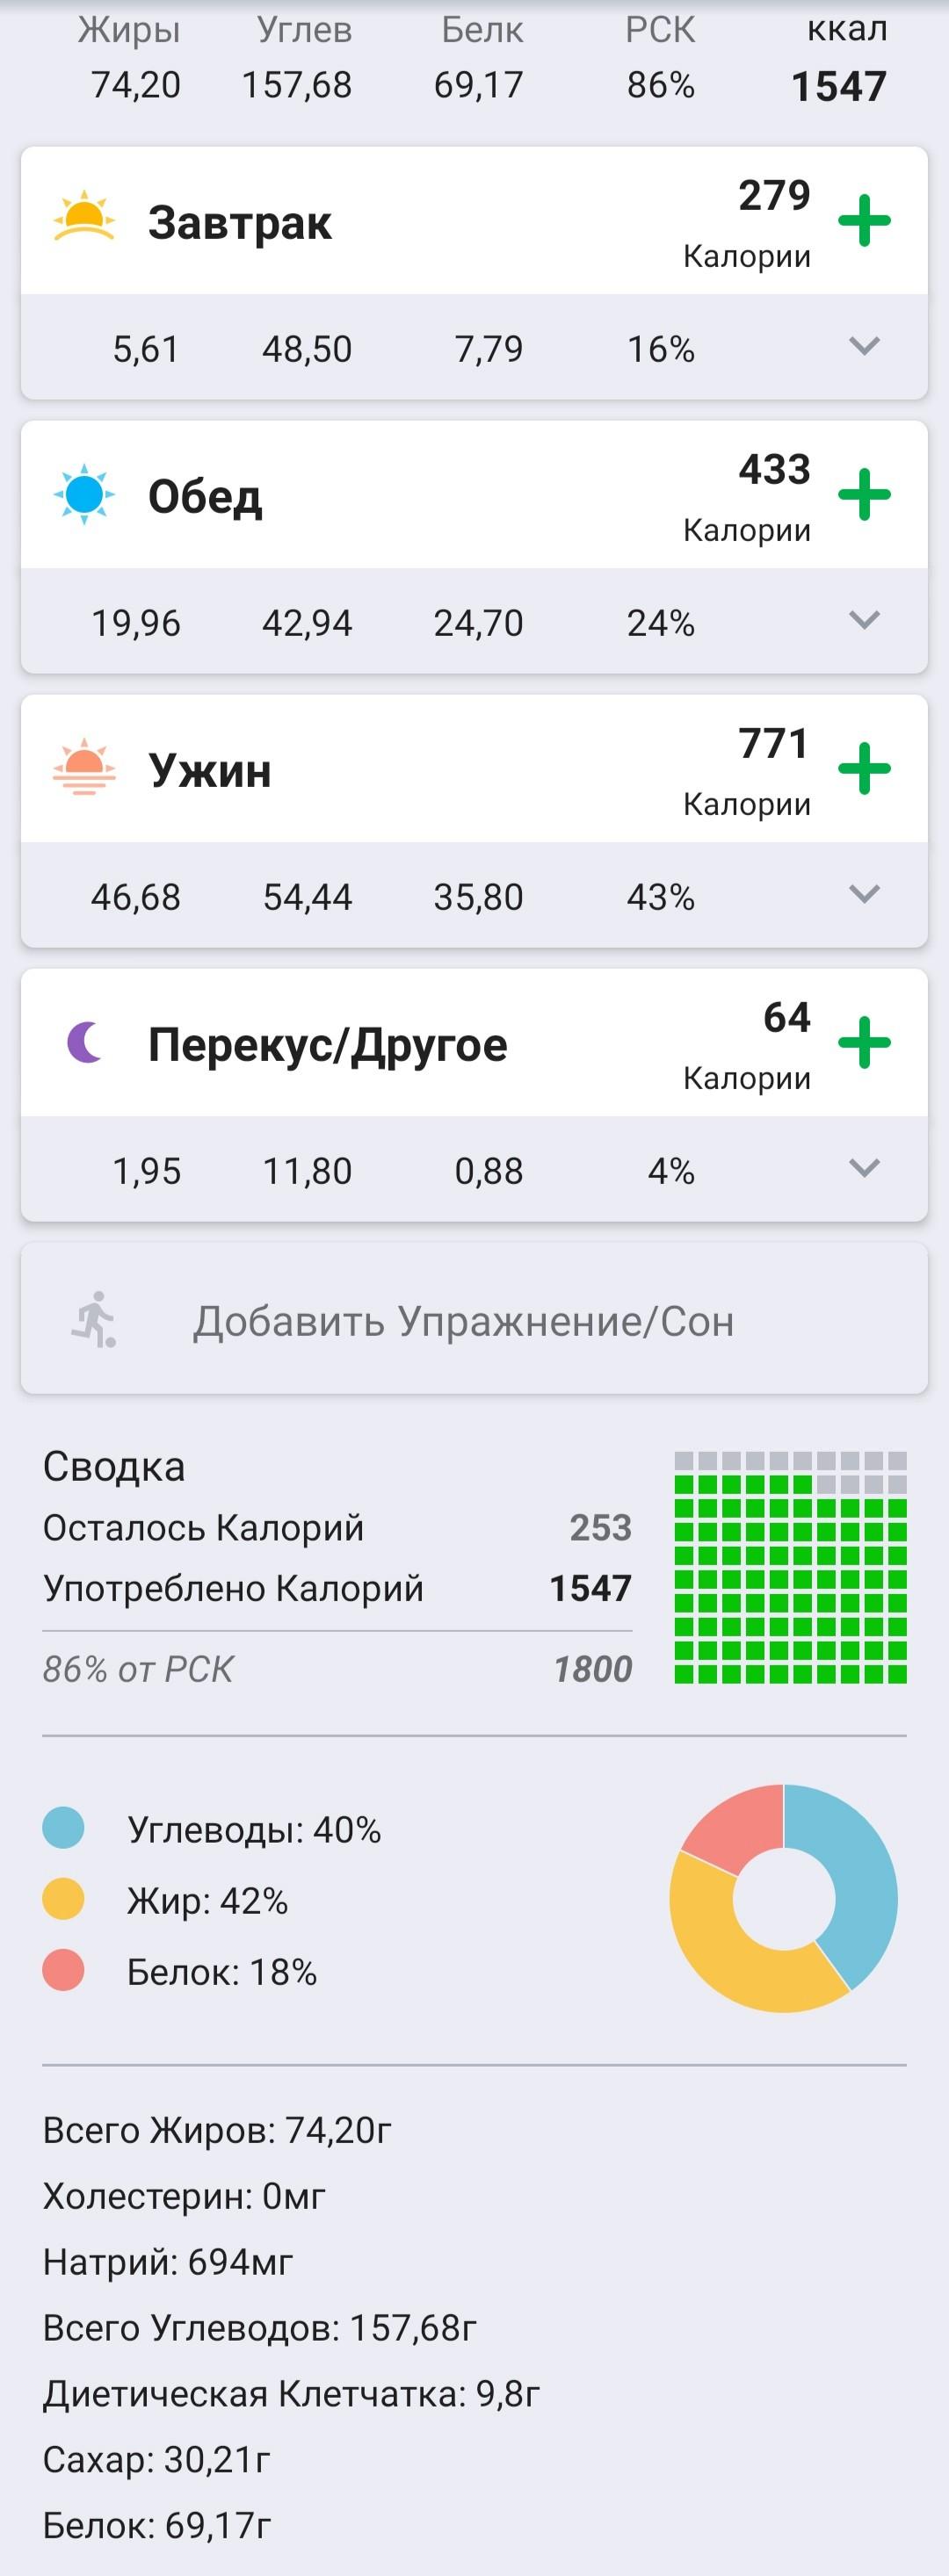 Screenshot_20210924-101826653_1.jpg